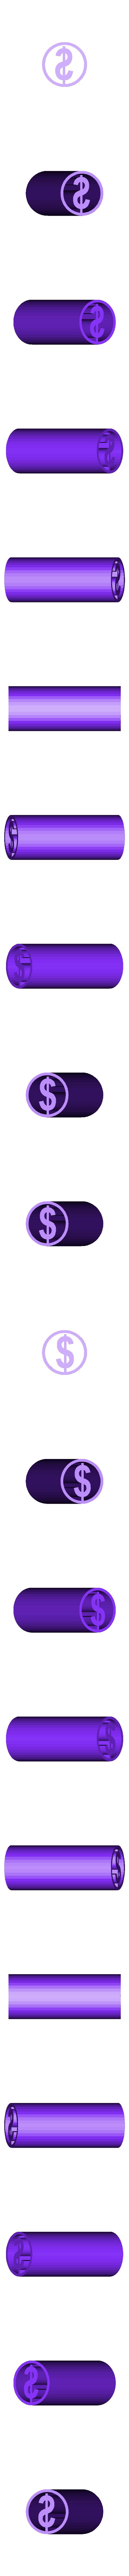 dollar.STL Télécharger fichier STL 36 CONSEILS SUR LES FILTRES À MAUVAISES HERBES VOL.1+2+3+4 • Design pour impression 3D, SnakeCreations